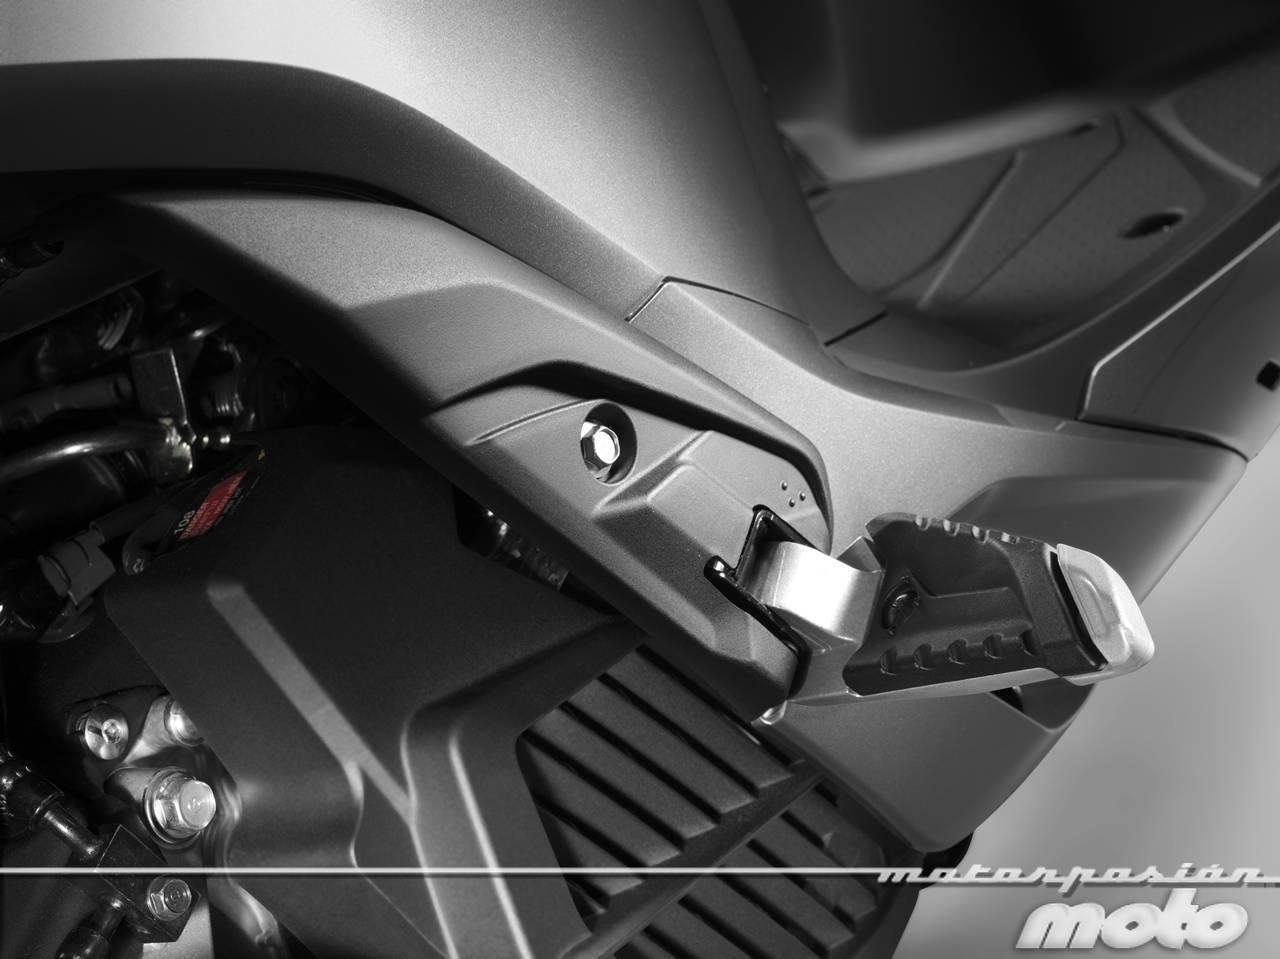 Foto de Honda Scoopy SH125i 2013, prueba (valoración, galería y ficha técnica)  - Fotos Detalles (60/81)